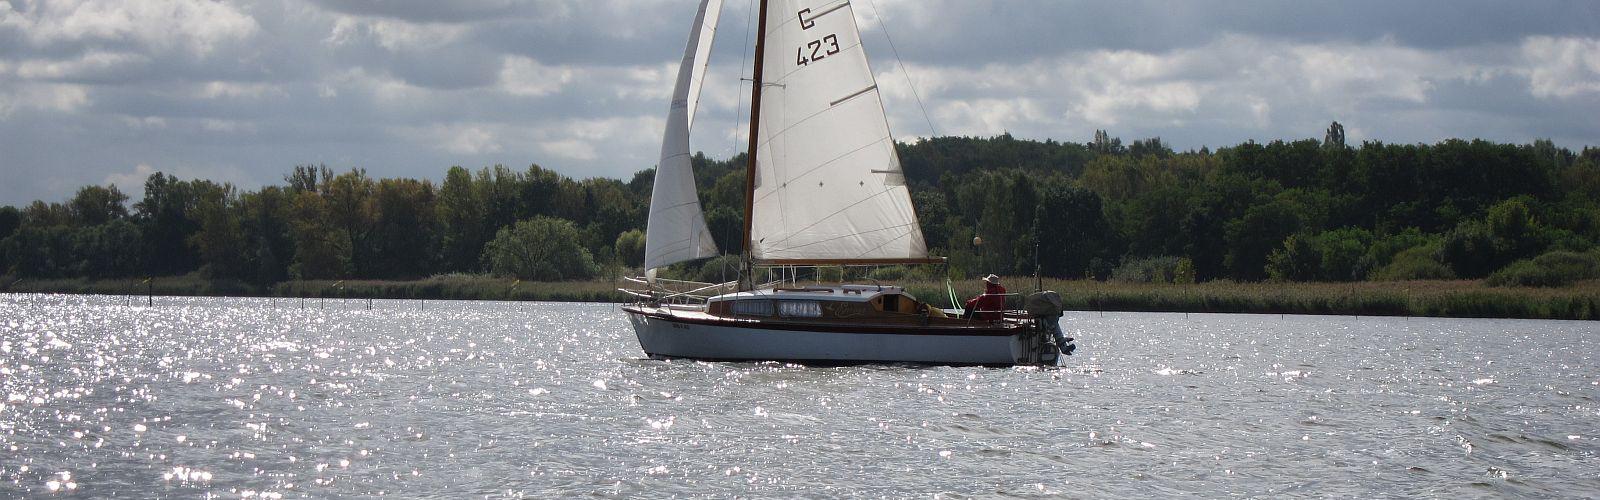 Vereinsausfahrt mit Pufferessen 15.09.2012